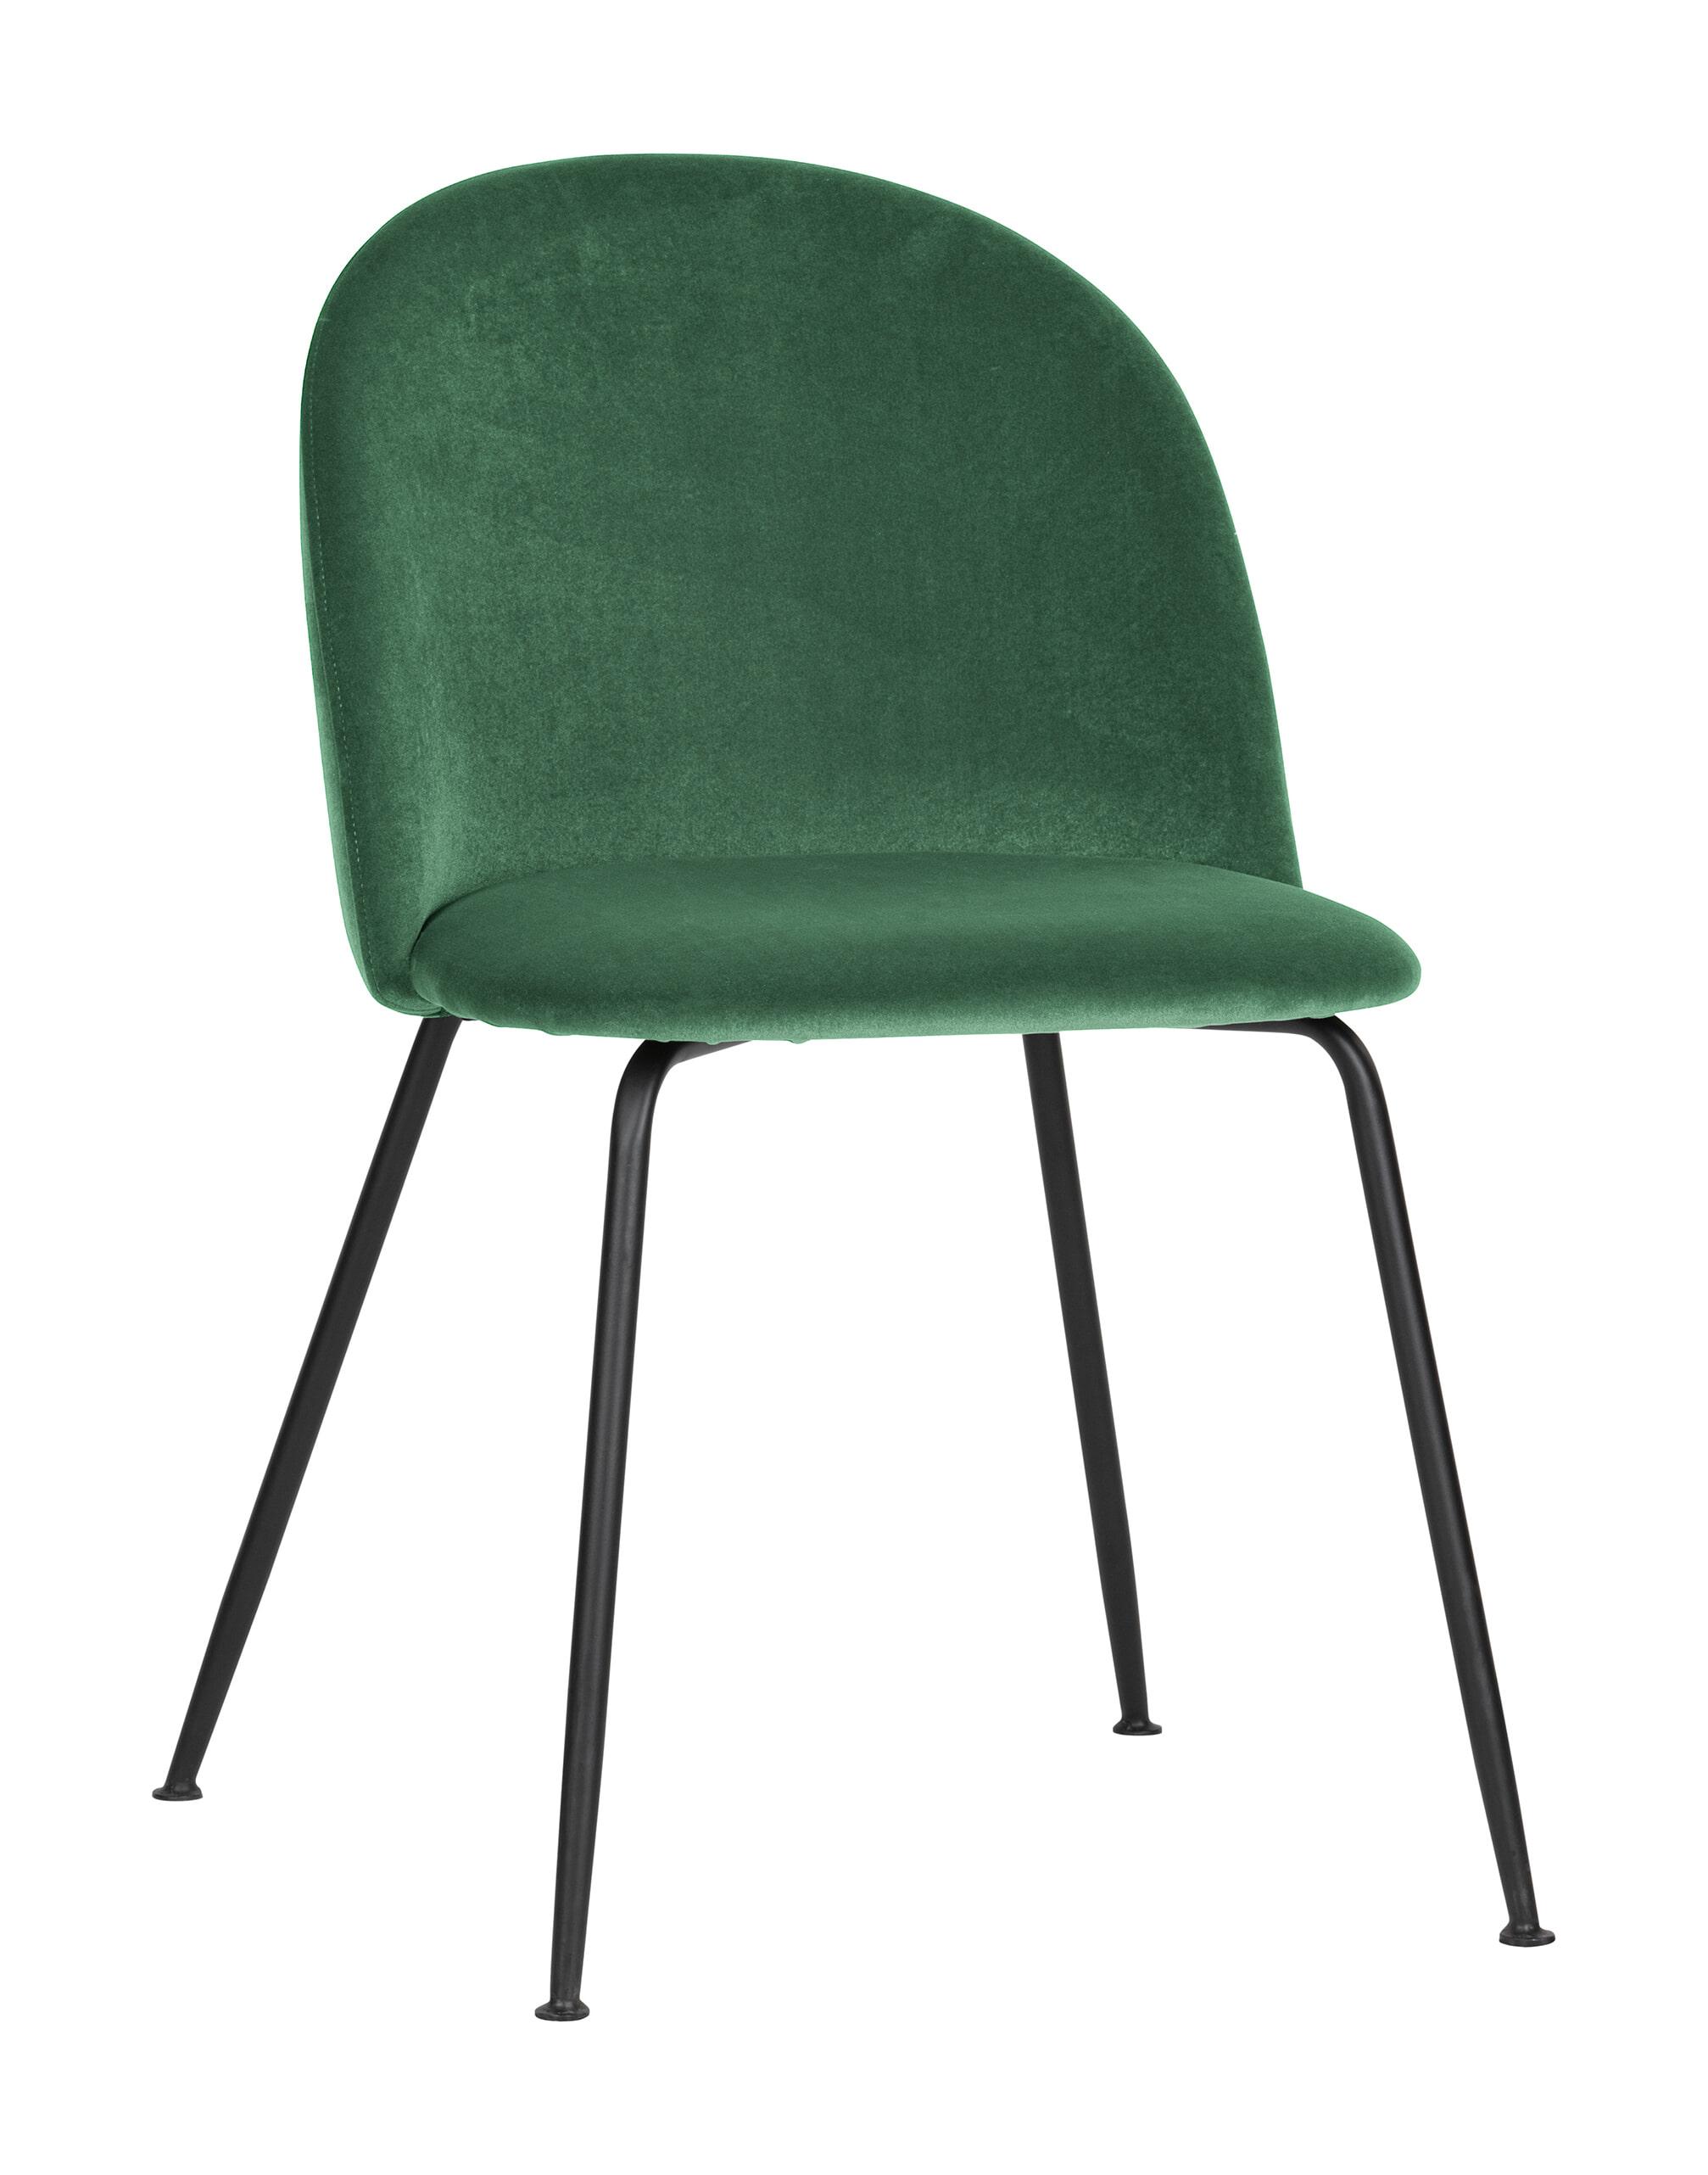 WOOOD Eetkamerstoel 'Alix', kleur Groen